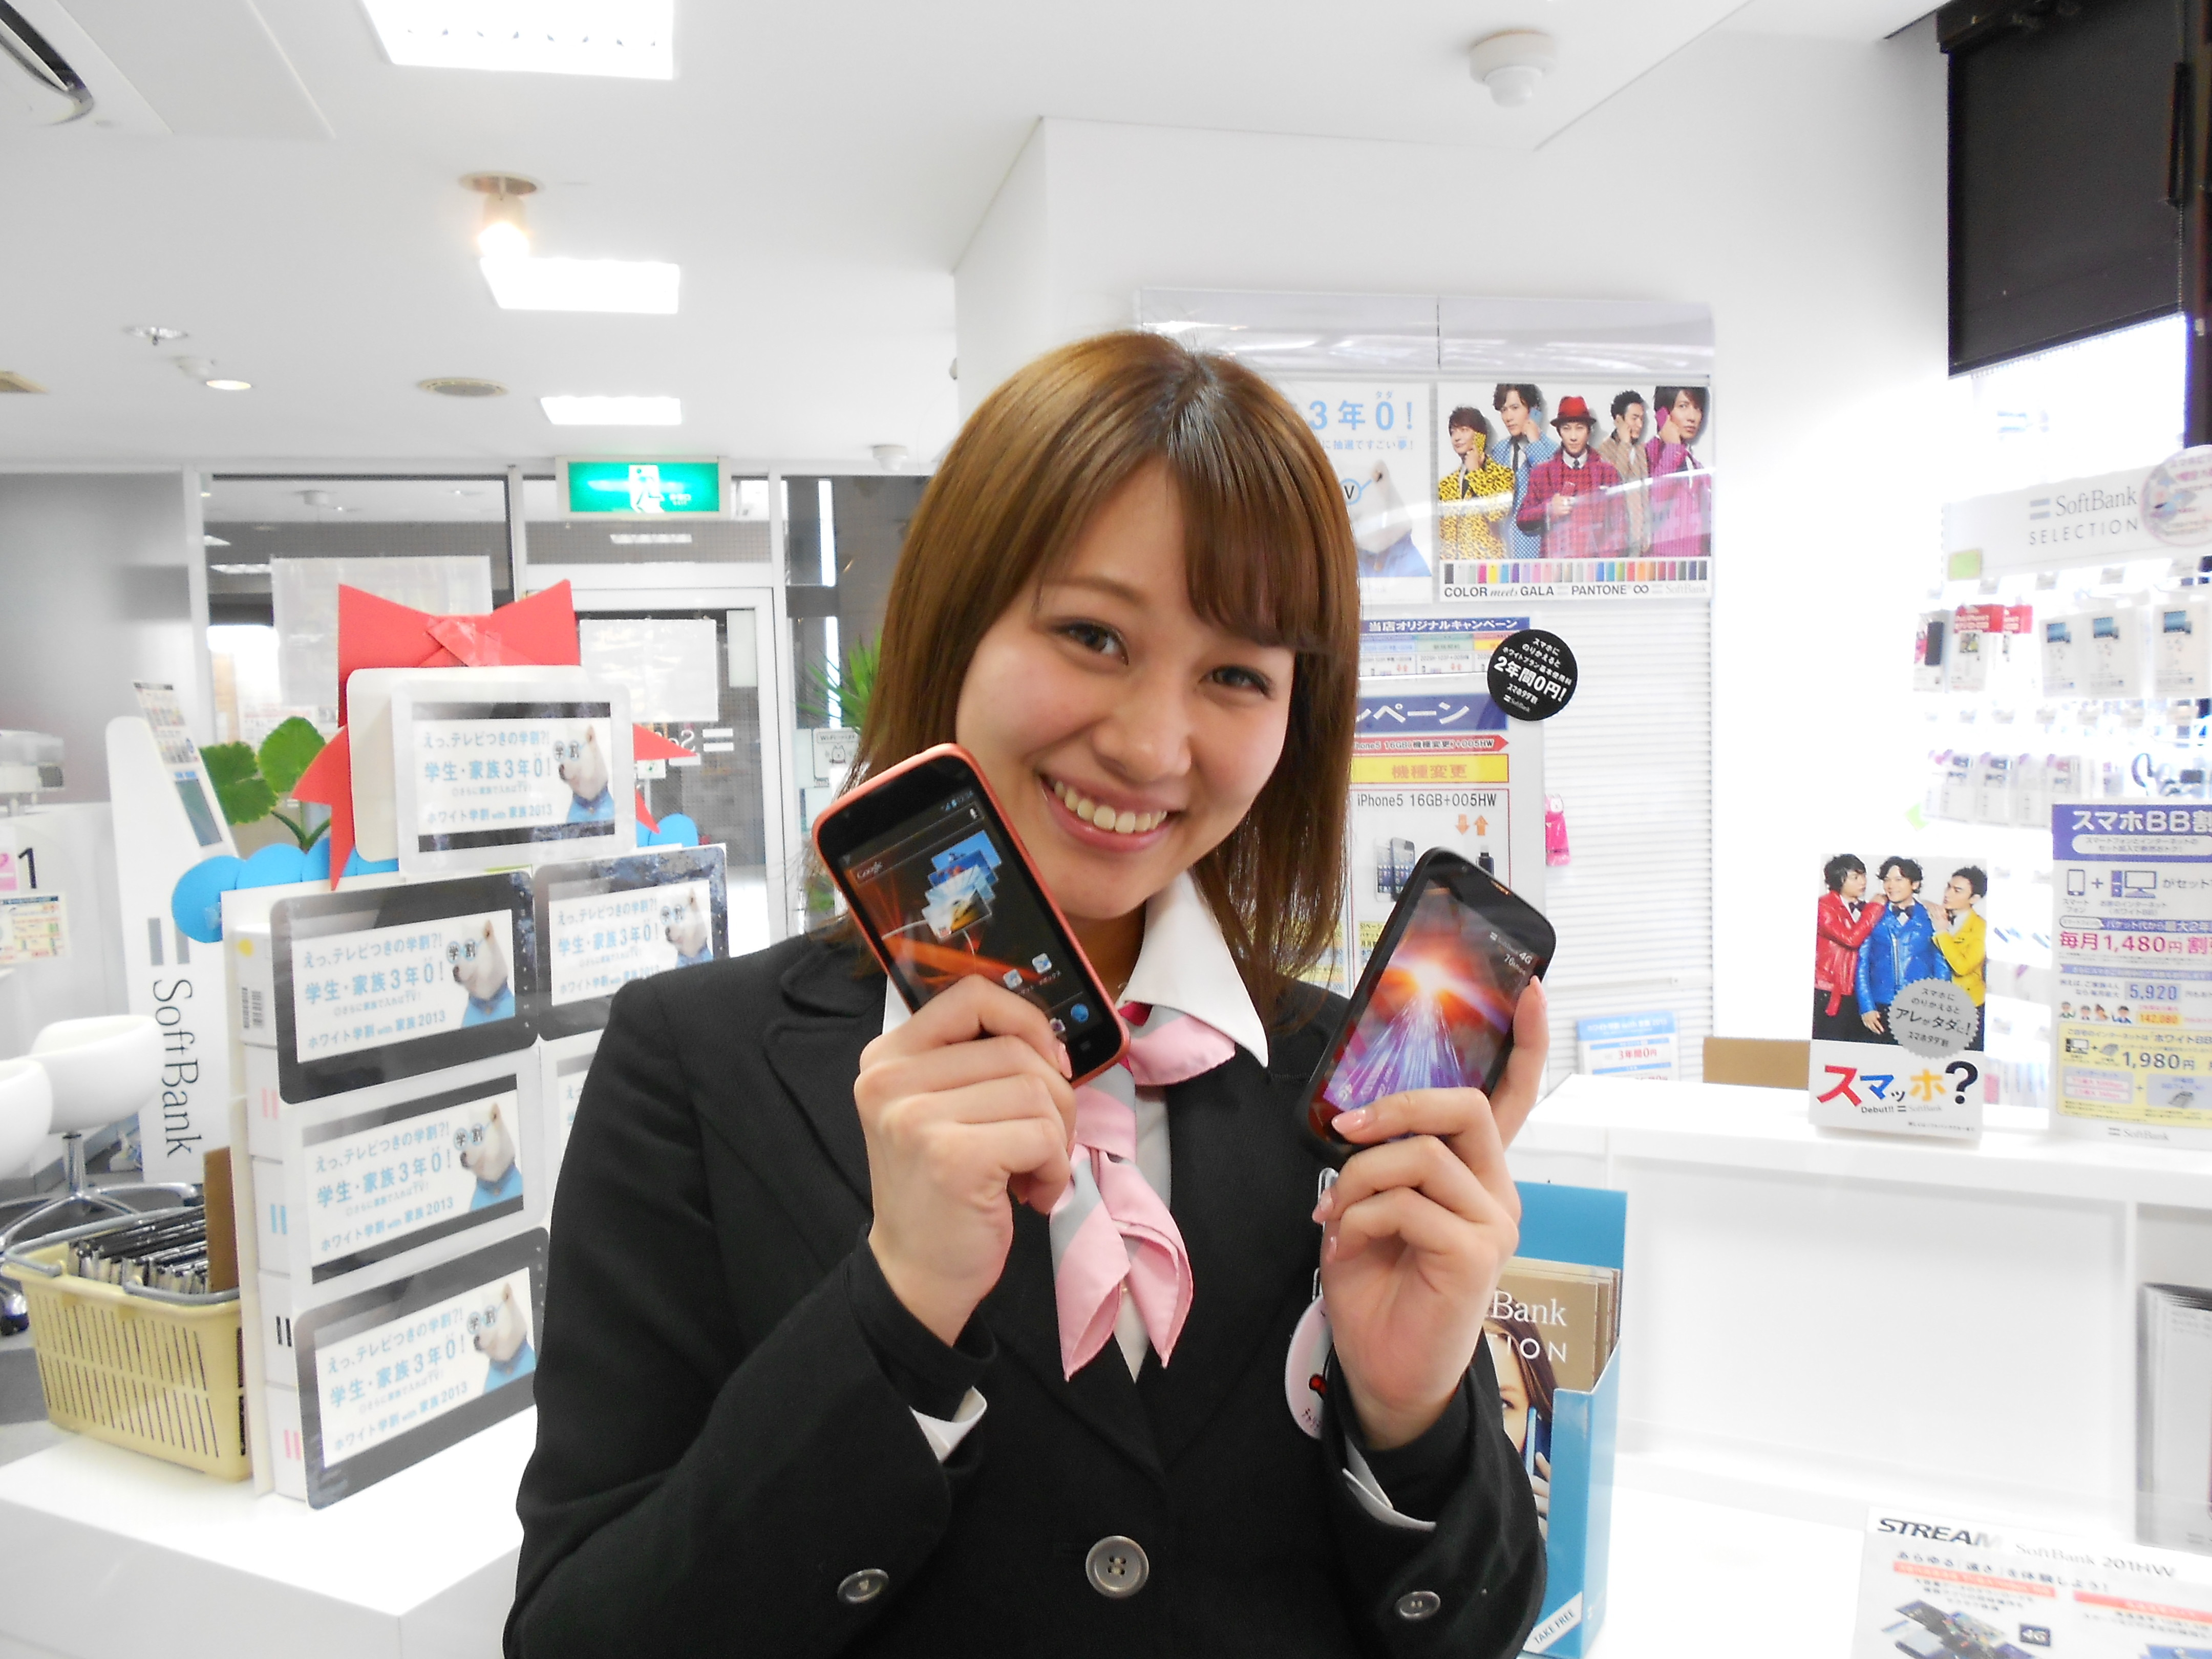 ワイモバイル 小田原(株式会社シエロ)のアルバイト情報